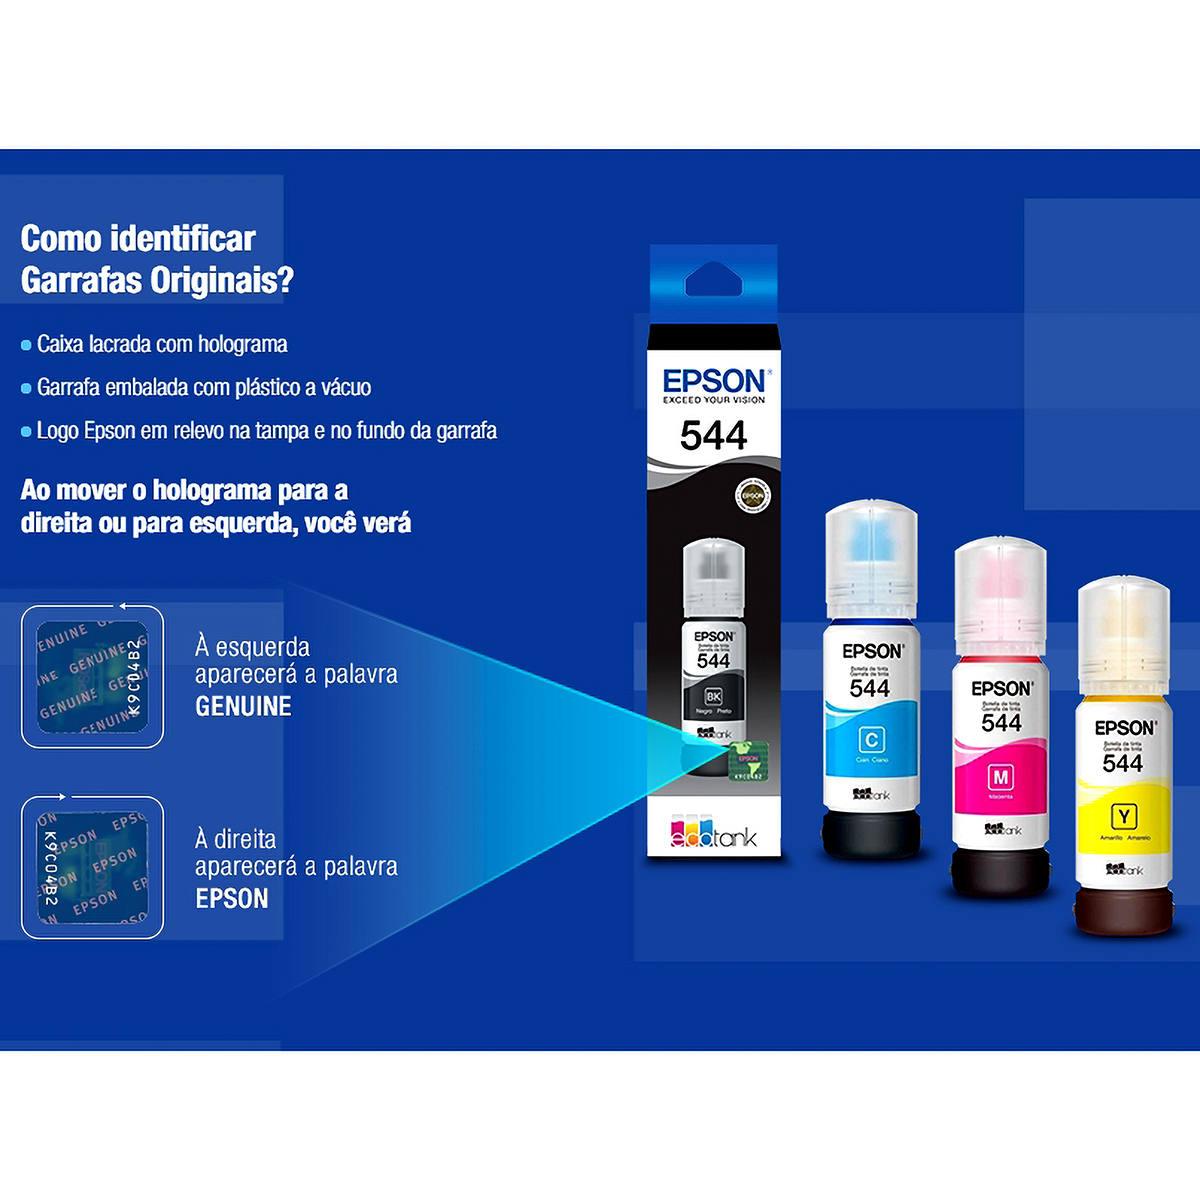 Tinta Epson 544 T544320 T544 Magenta Original para Ecotank L1110 L3110 L3150 L3160 L5190 Refil de 65ml